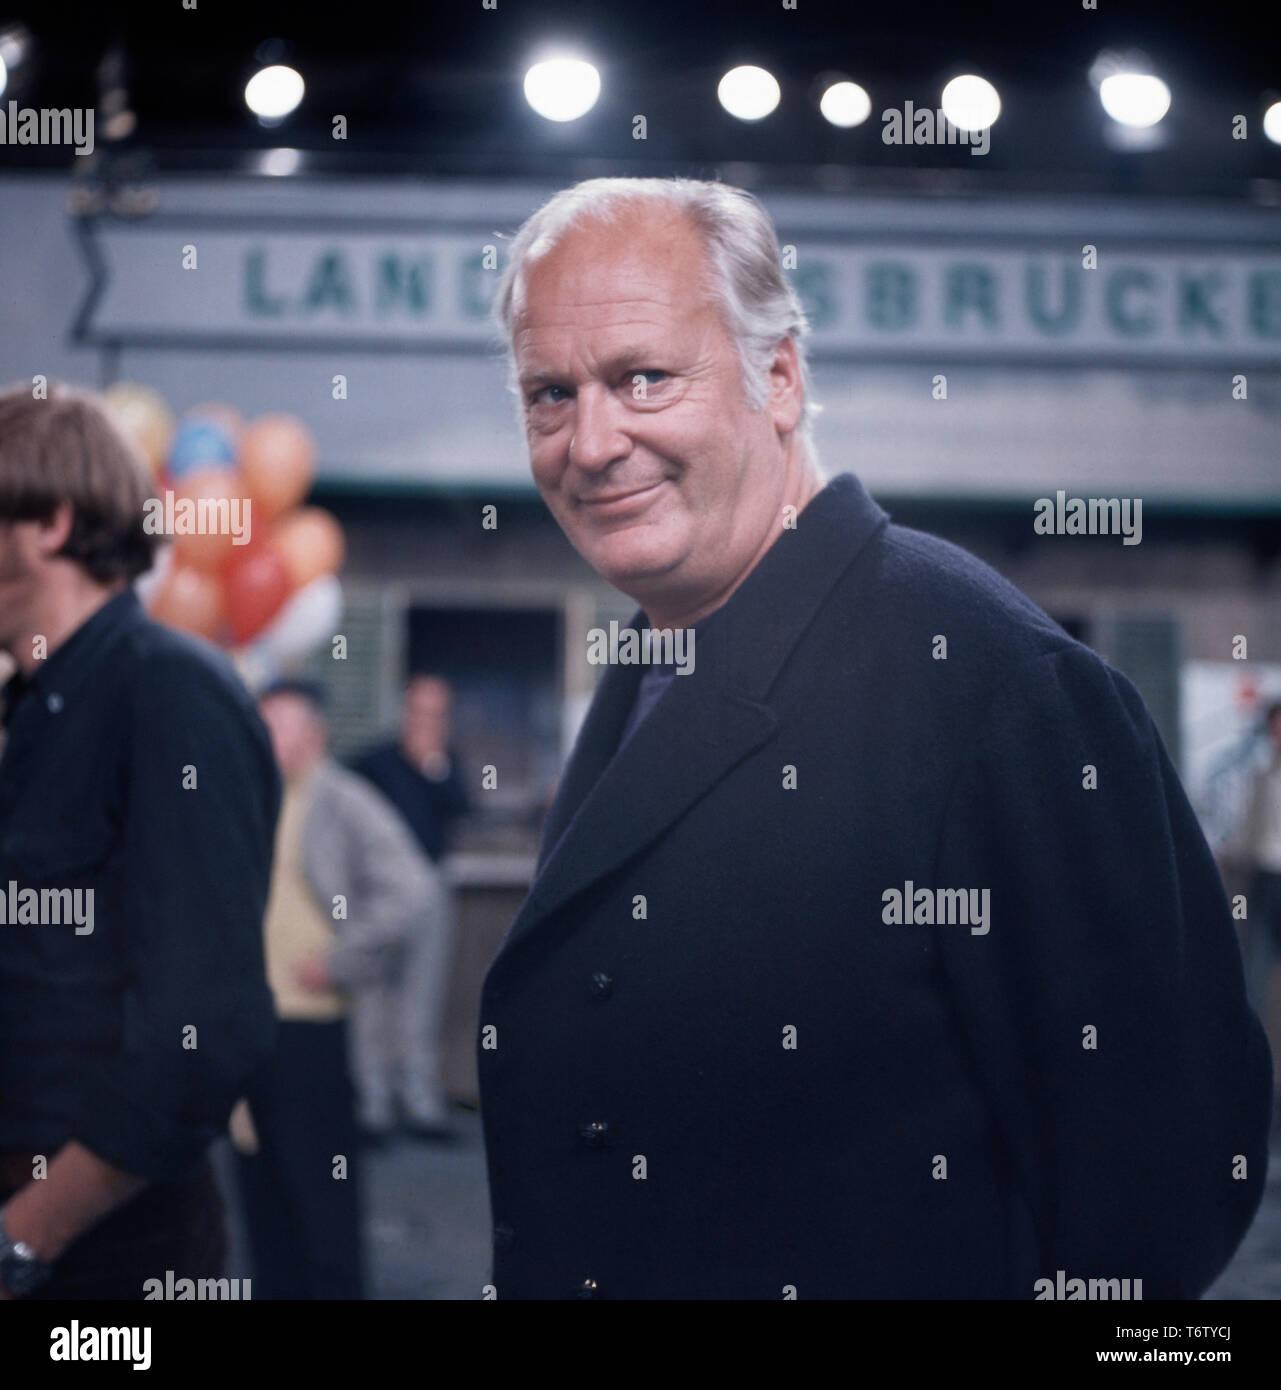 Der deutsch-österreichische Bühnen- und Filmschauspieler Curd Jürgens posiert für Porträtaufnahmen während Dreharbeiten, 1970er. The German-Austrian stage and film actor Curd Jürgens poses for portraits during some filming, 1970s - Stock Image